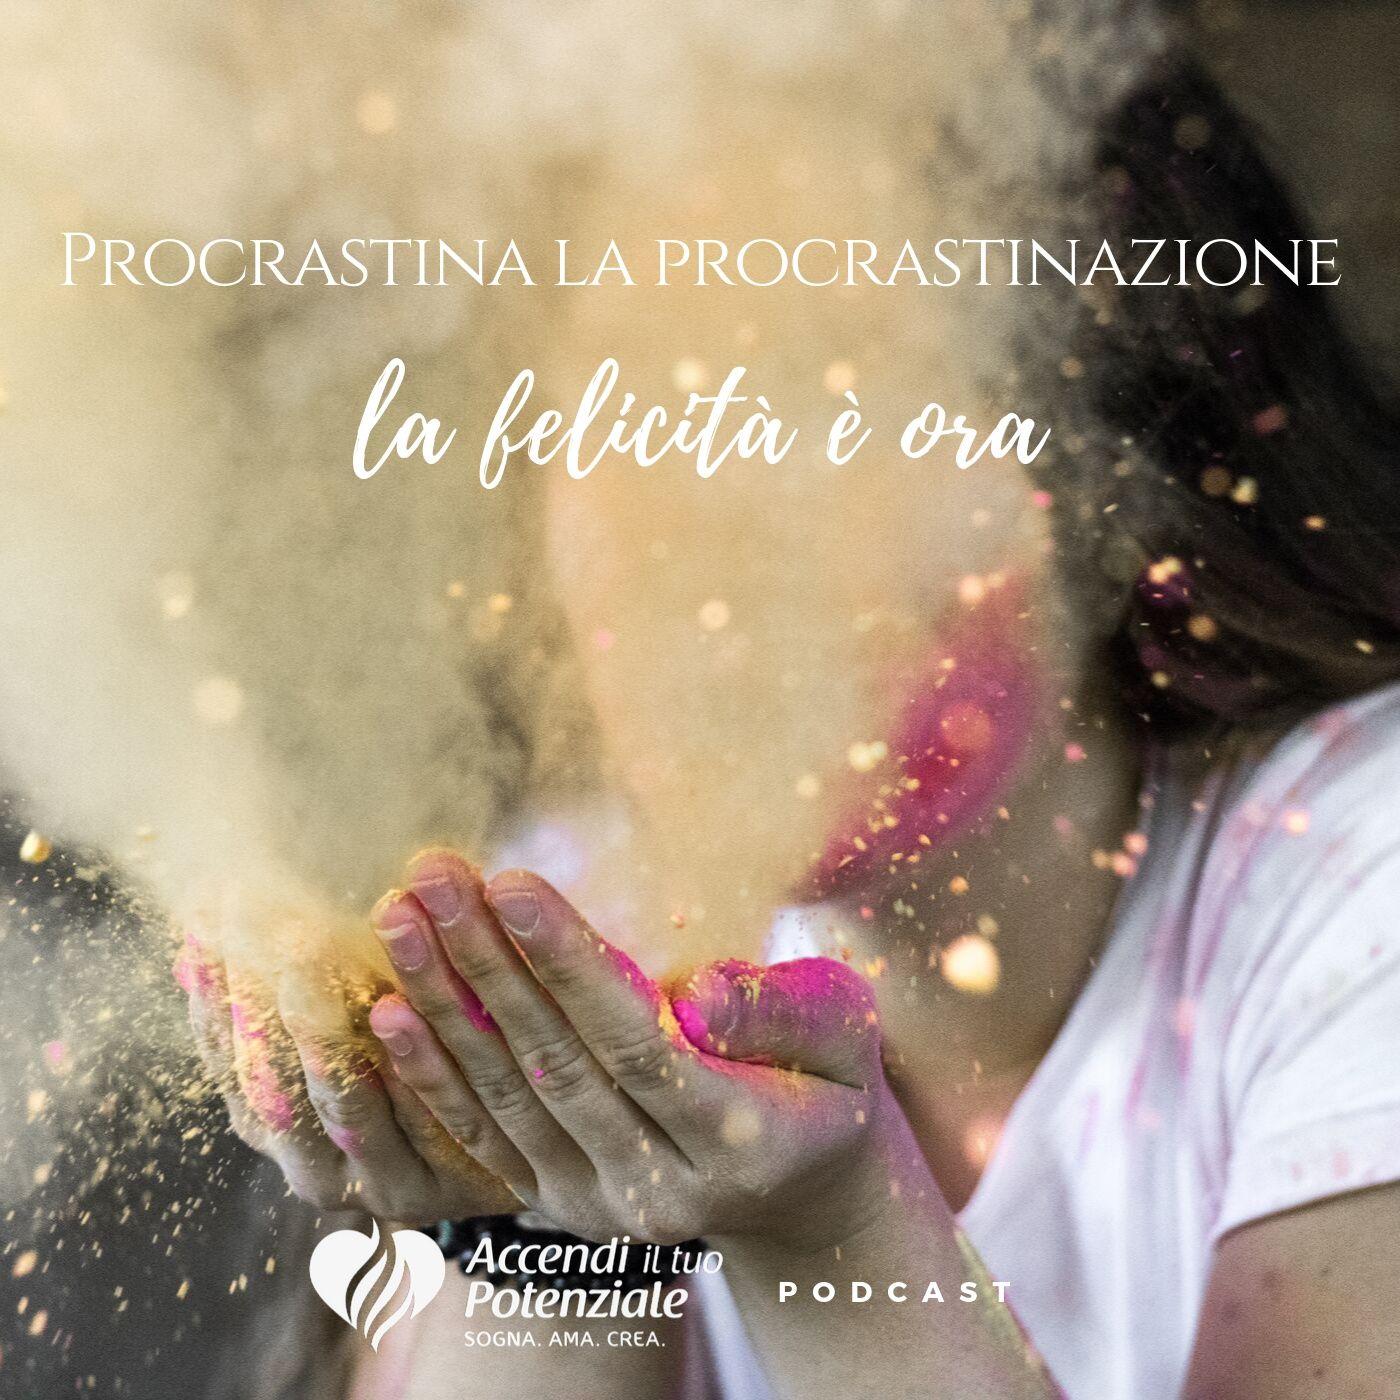 Ep. 10 - Procrastina la procrastinazione - la felicità è ora